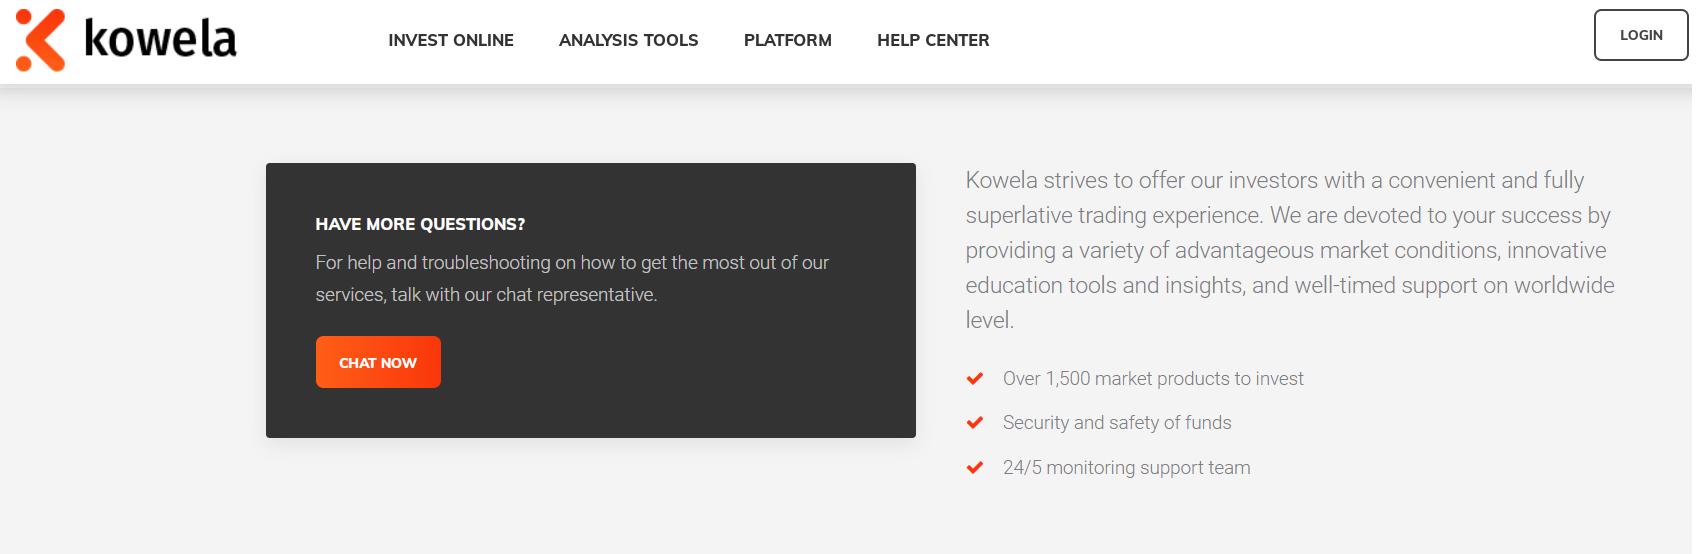 стоит ли работать с kowela